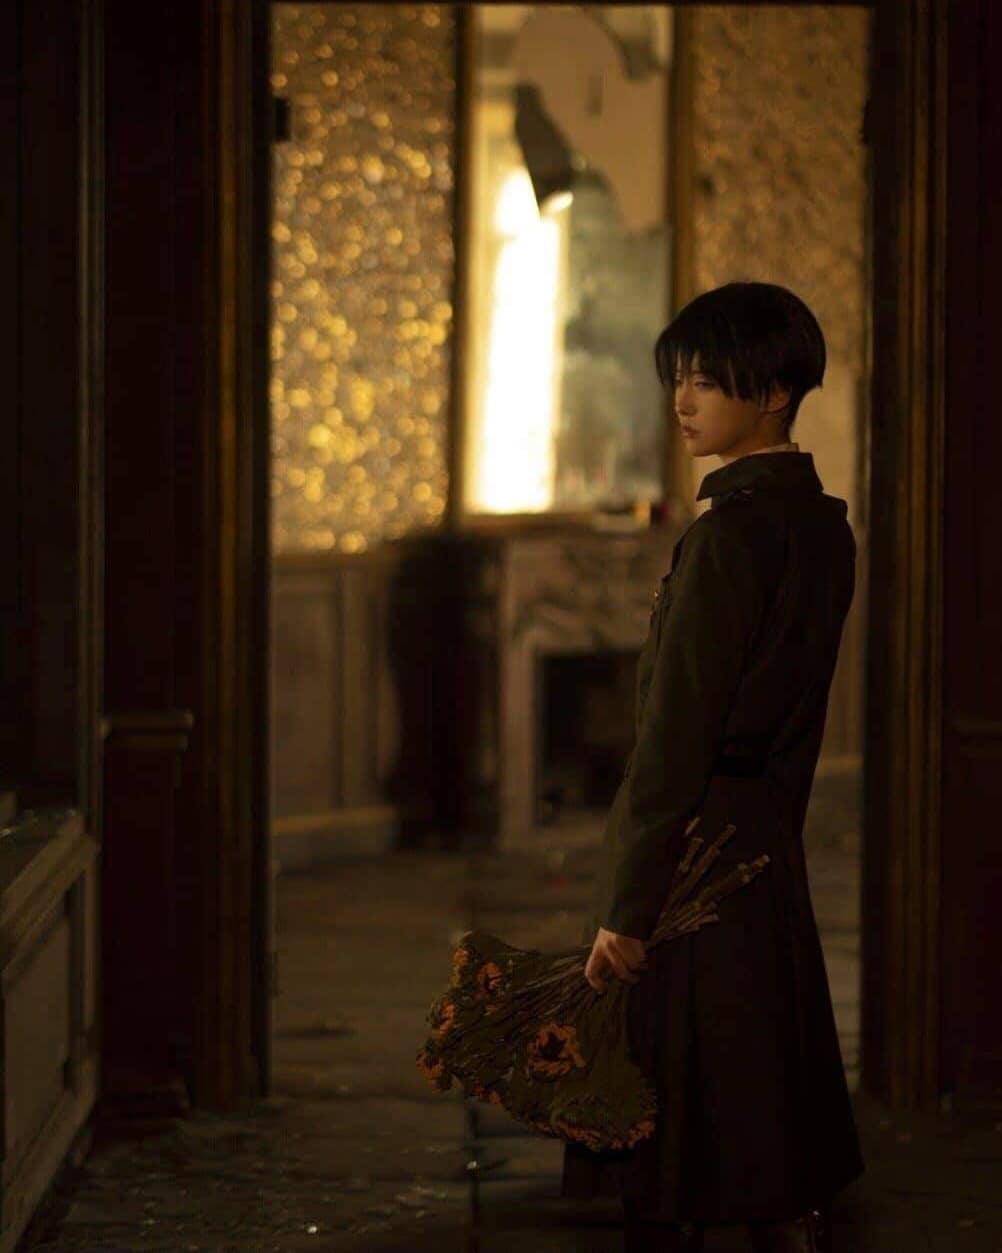 Fotografía del cosplayer Ramune como Levi Ackerman de 'Shingeki no Kyojin'.